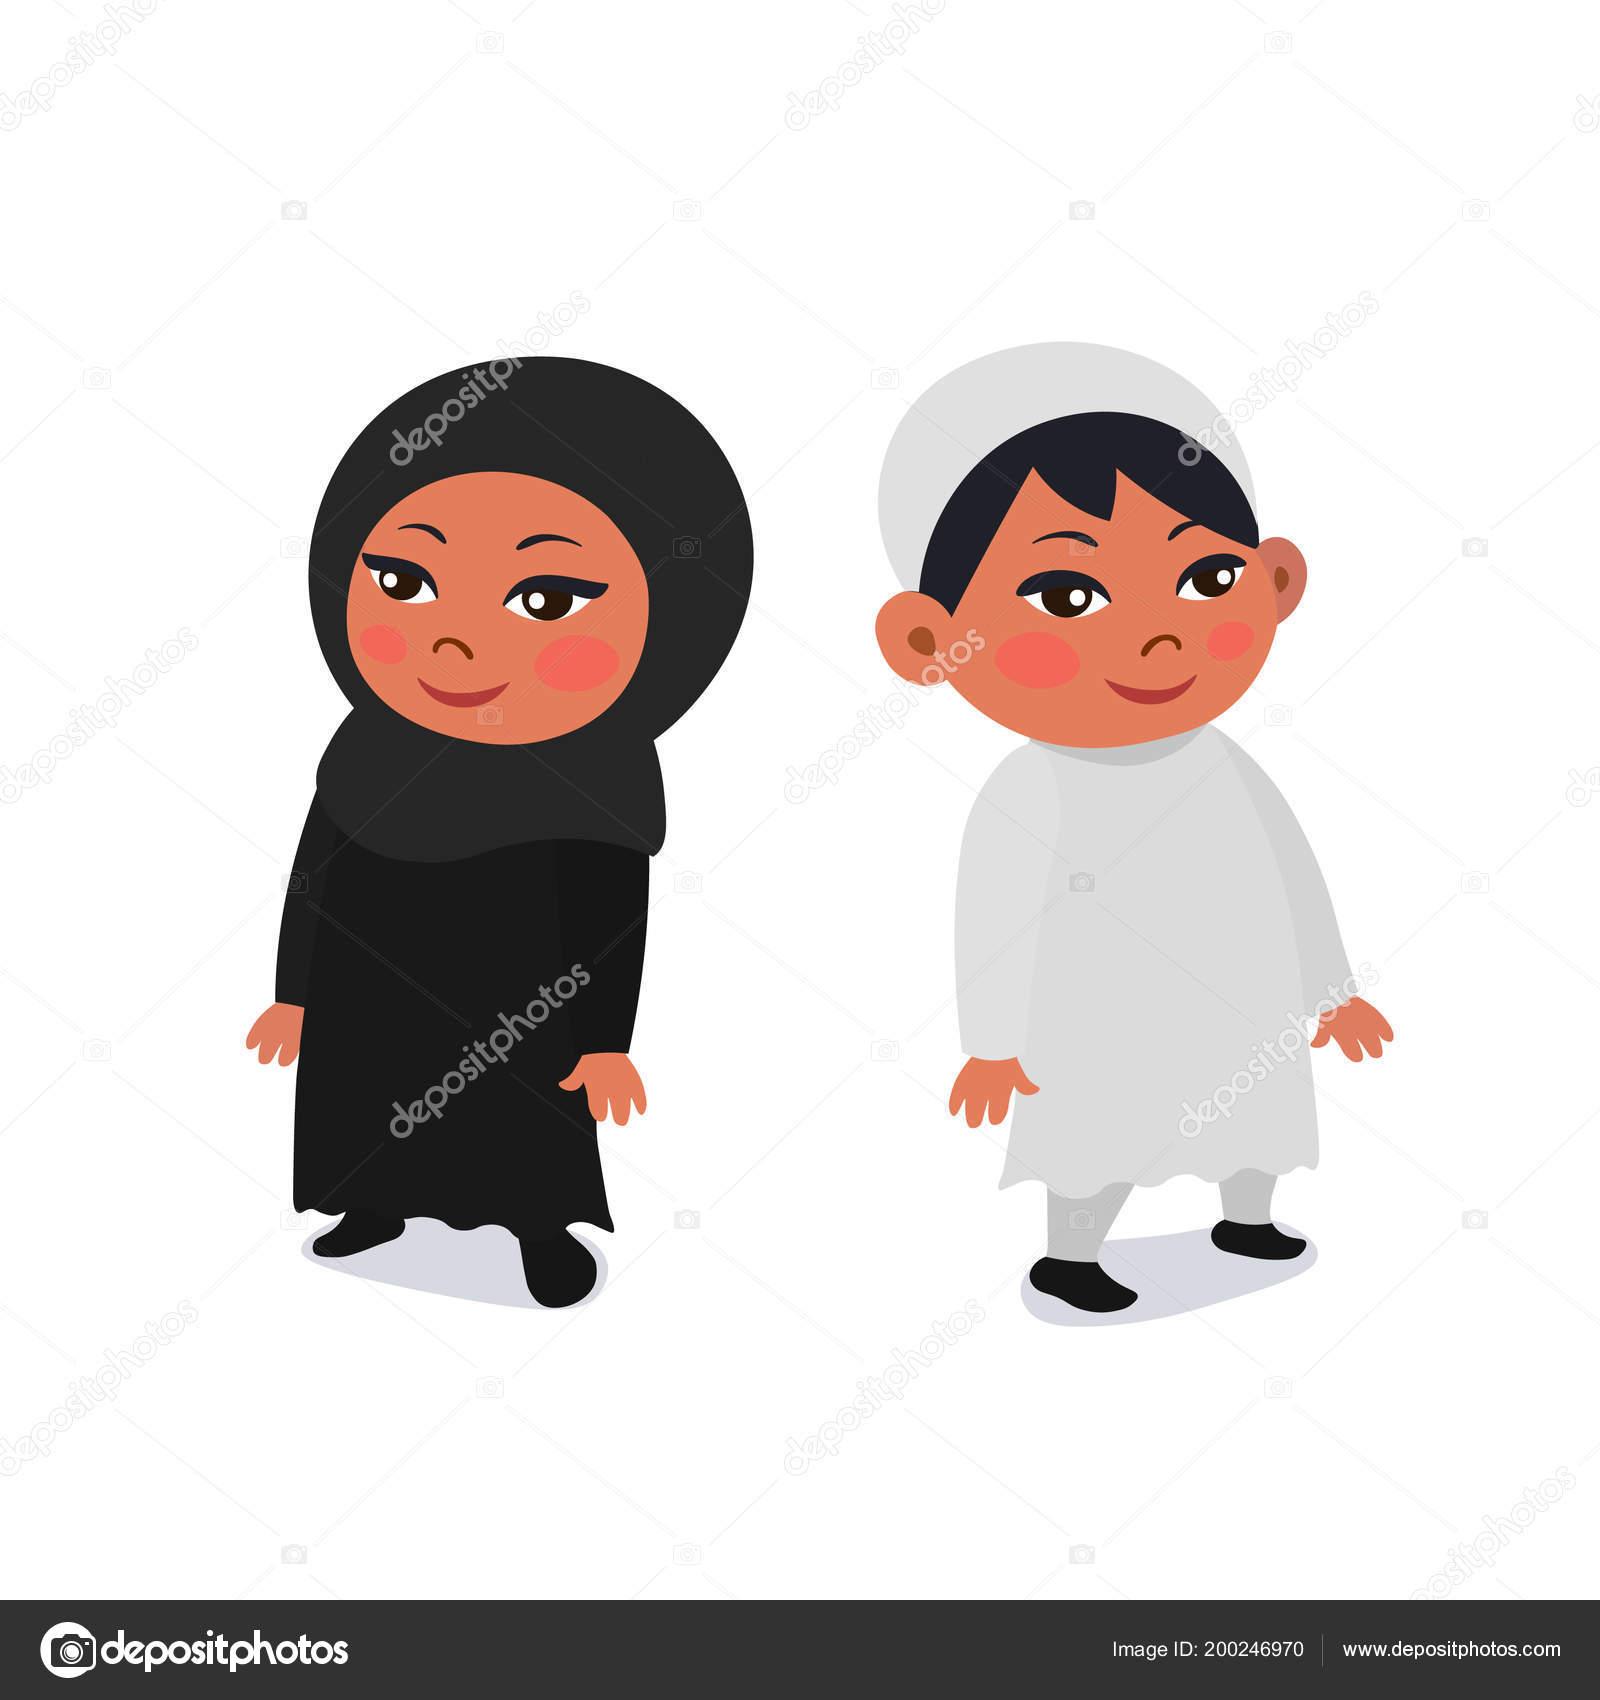 ragazzo bianco che esce con una ragazza musulmana